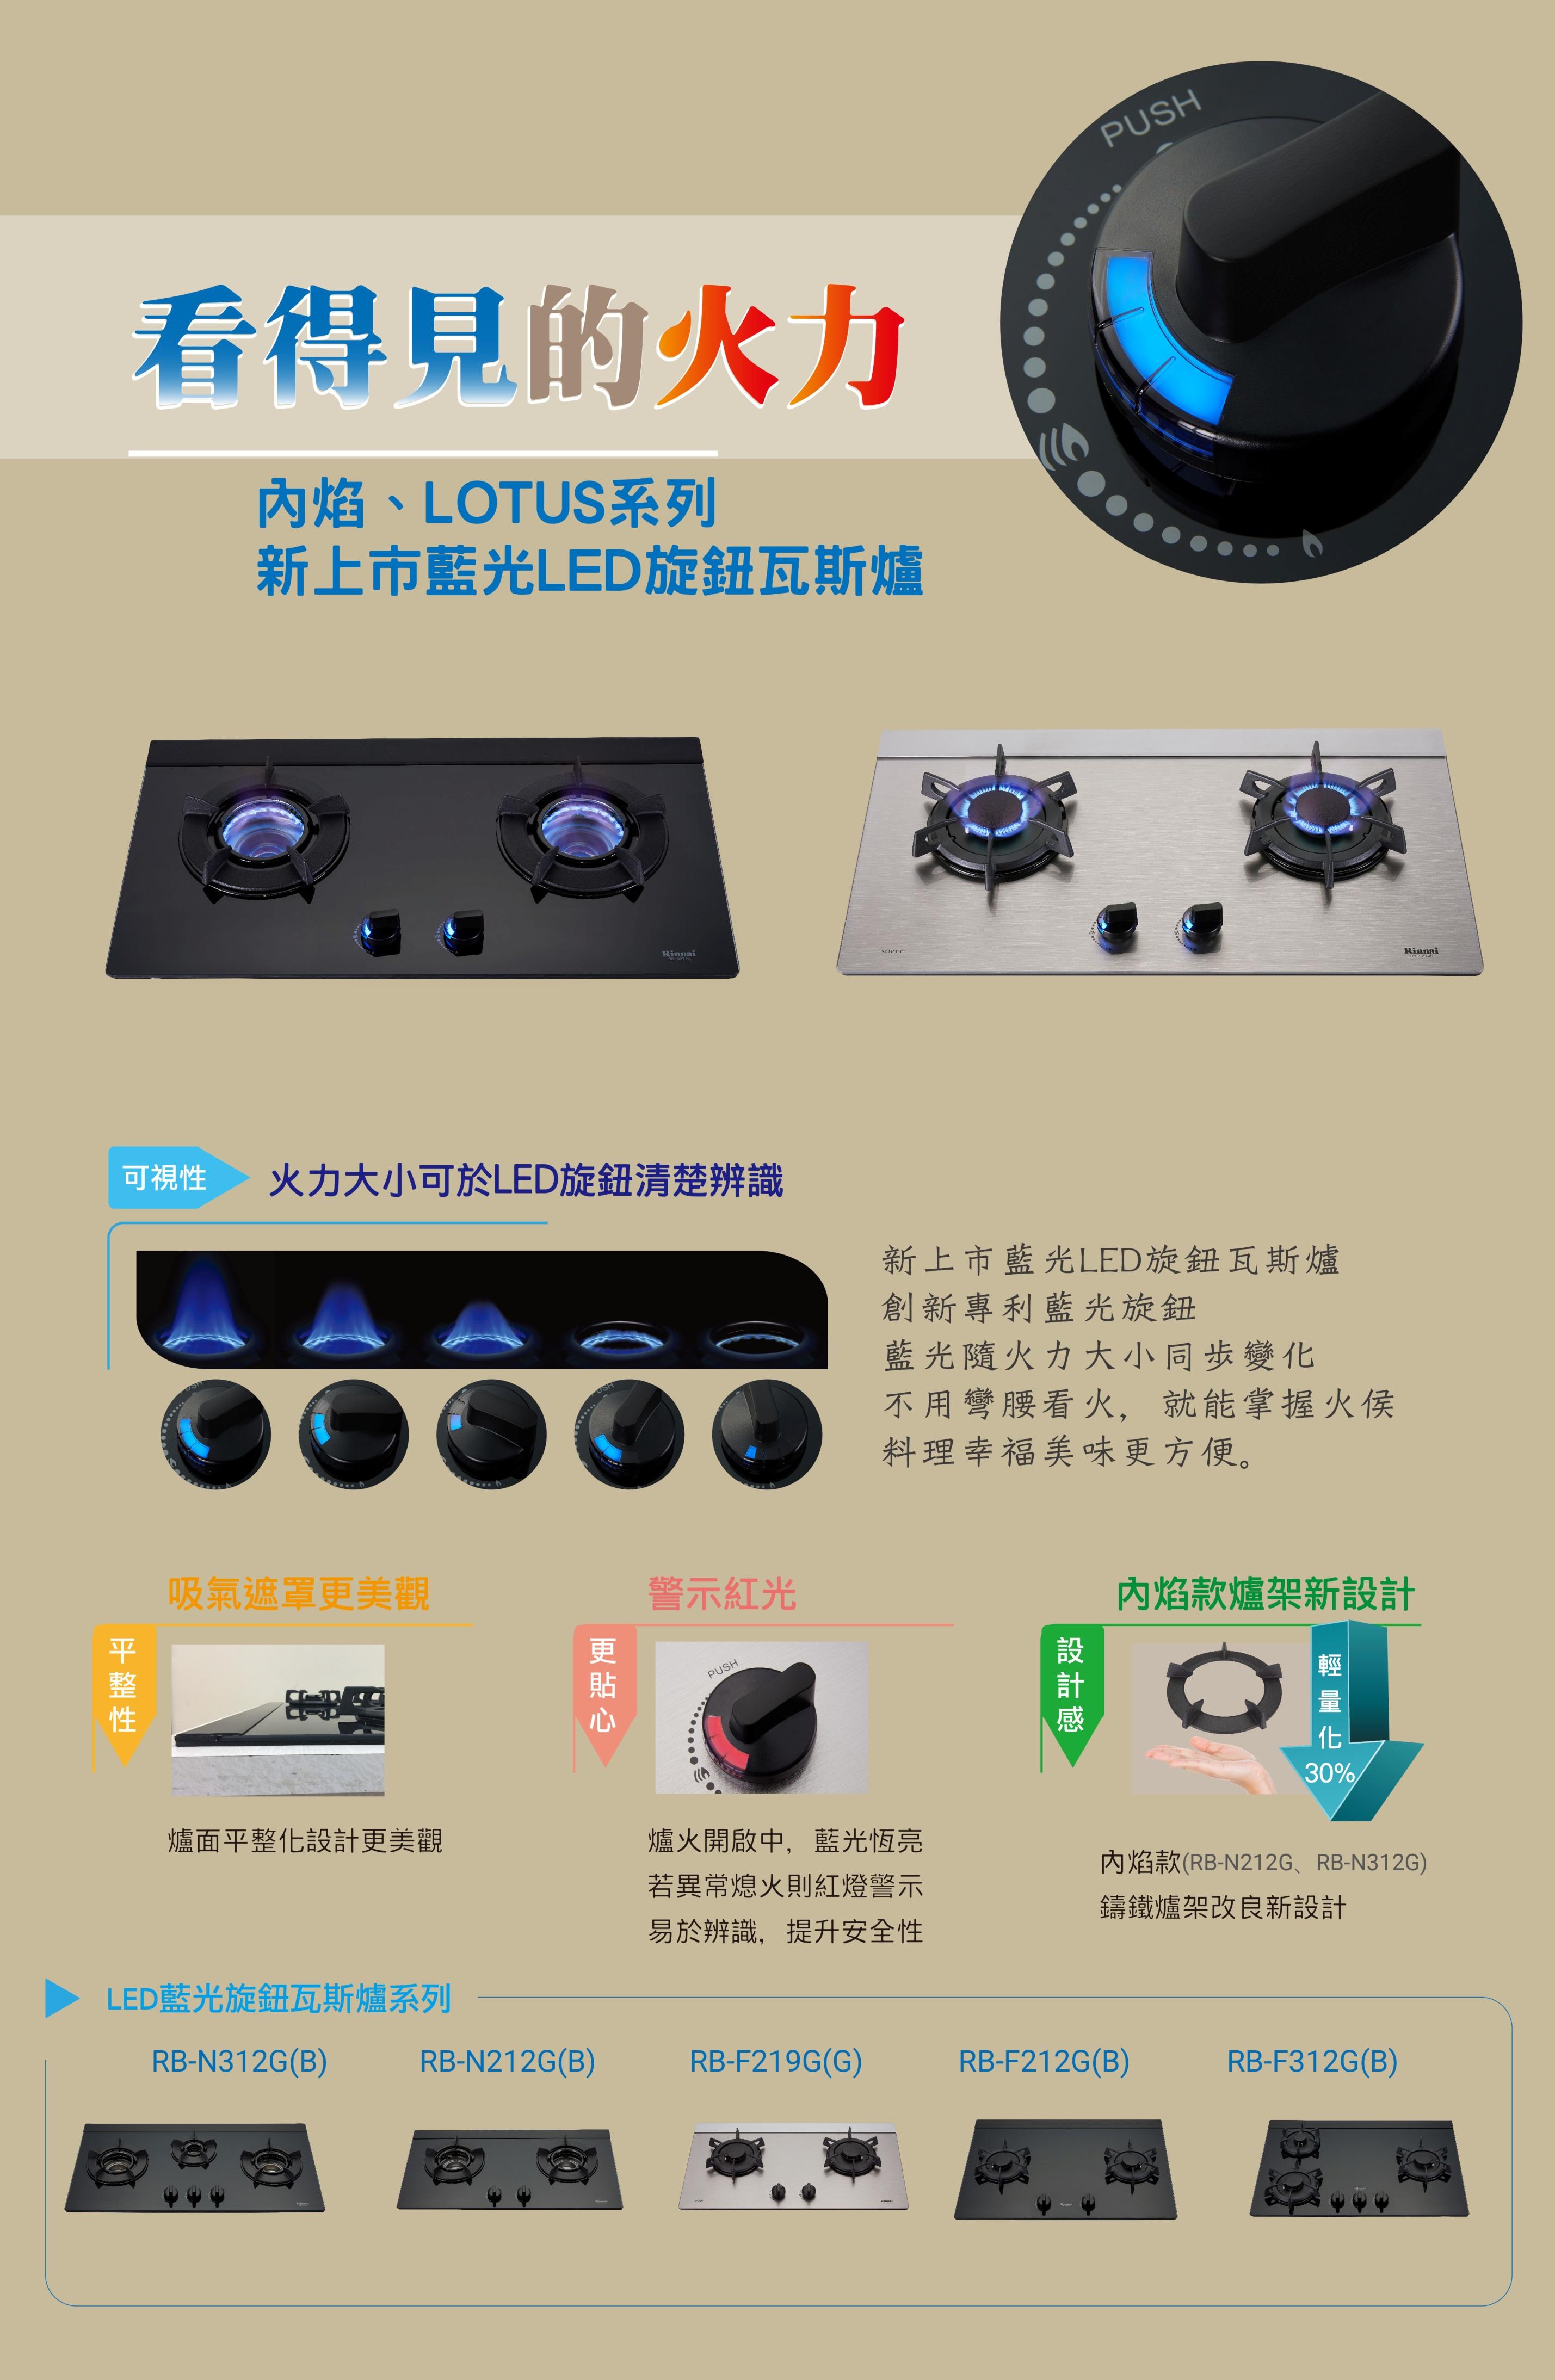 林內瓦斯爐RB-F212G(B)檯面式玻璃LOTUS二口爐LED旋鈕.jpg